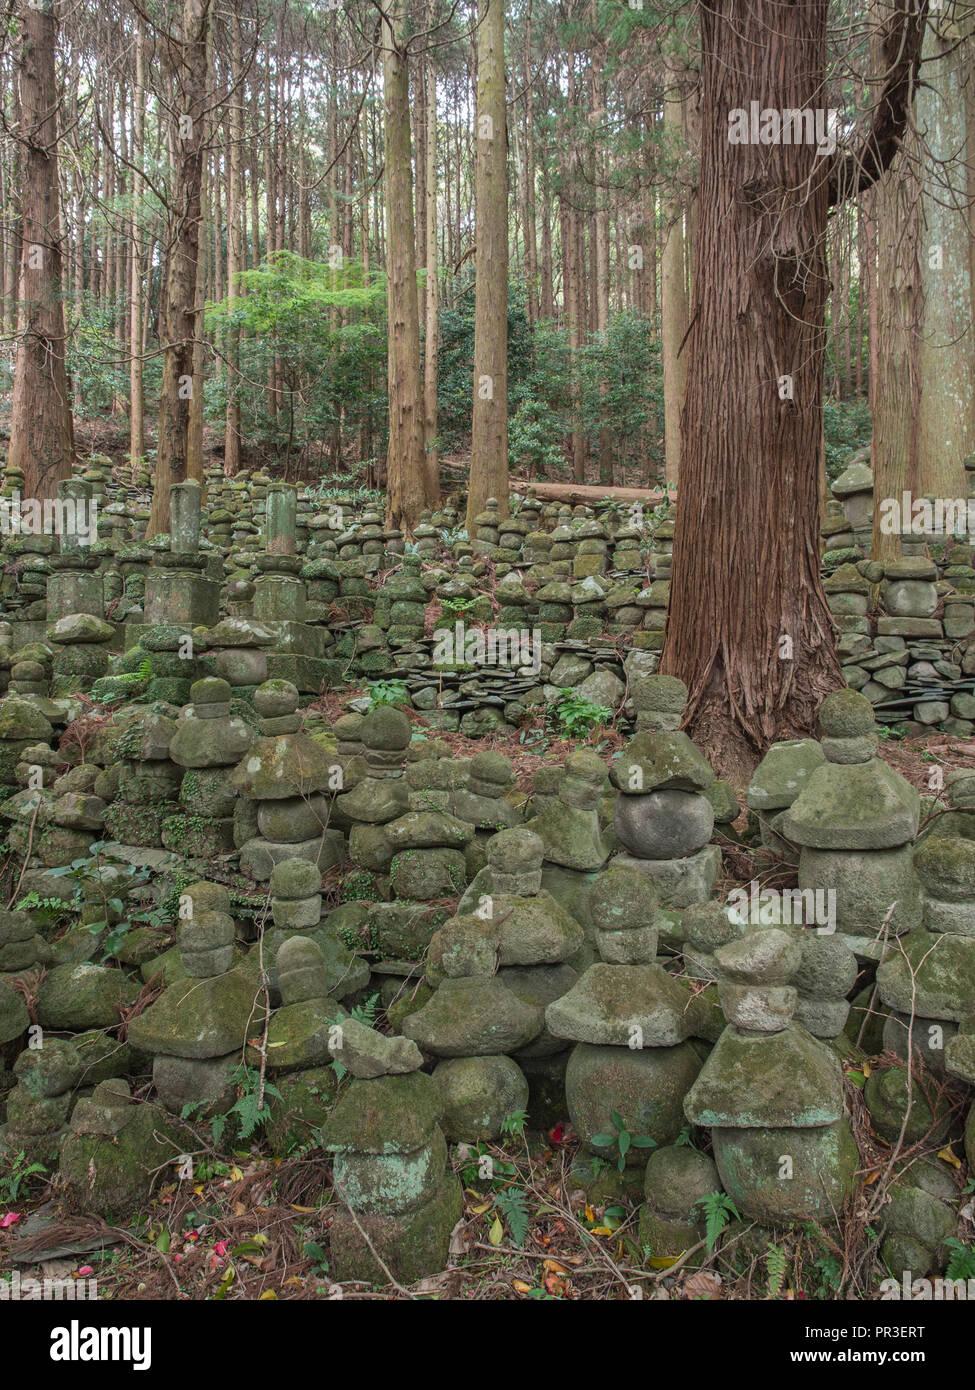 Cippi in foresta ha dato cantiere, rovine del tempio Sentoji, Kunisaki, Oita, Kyushu, Giappone Immagini Stock